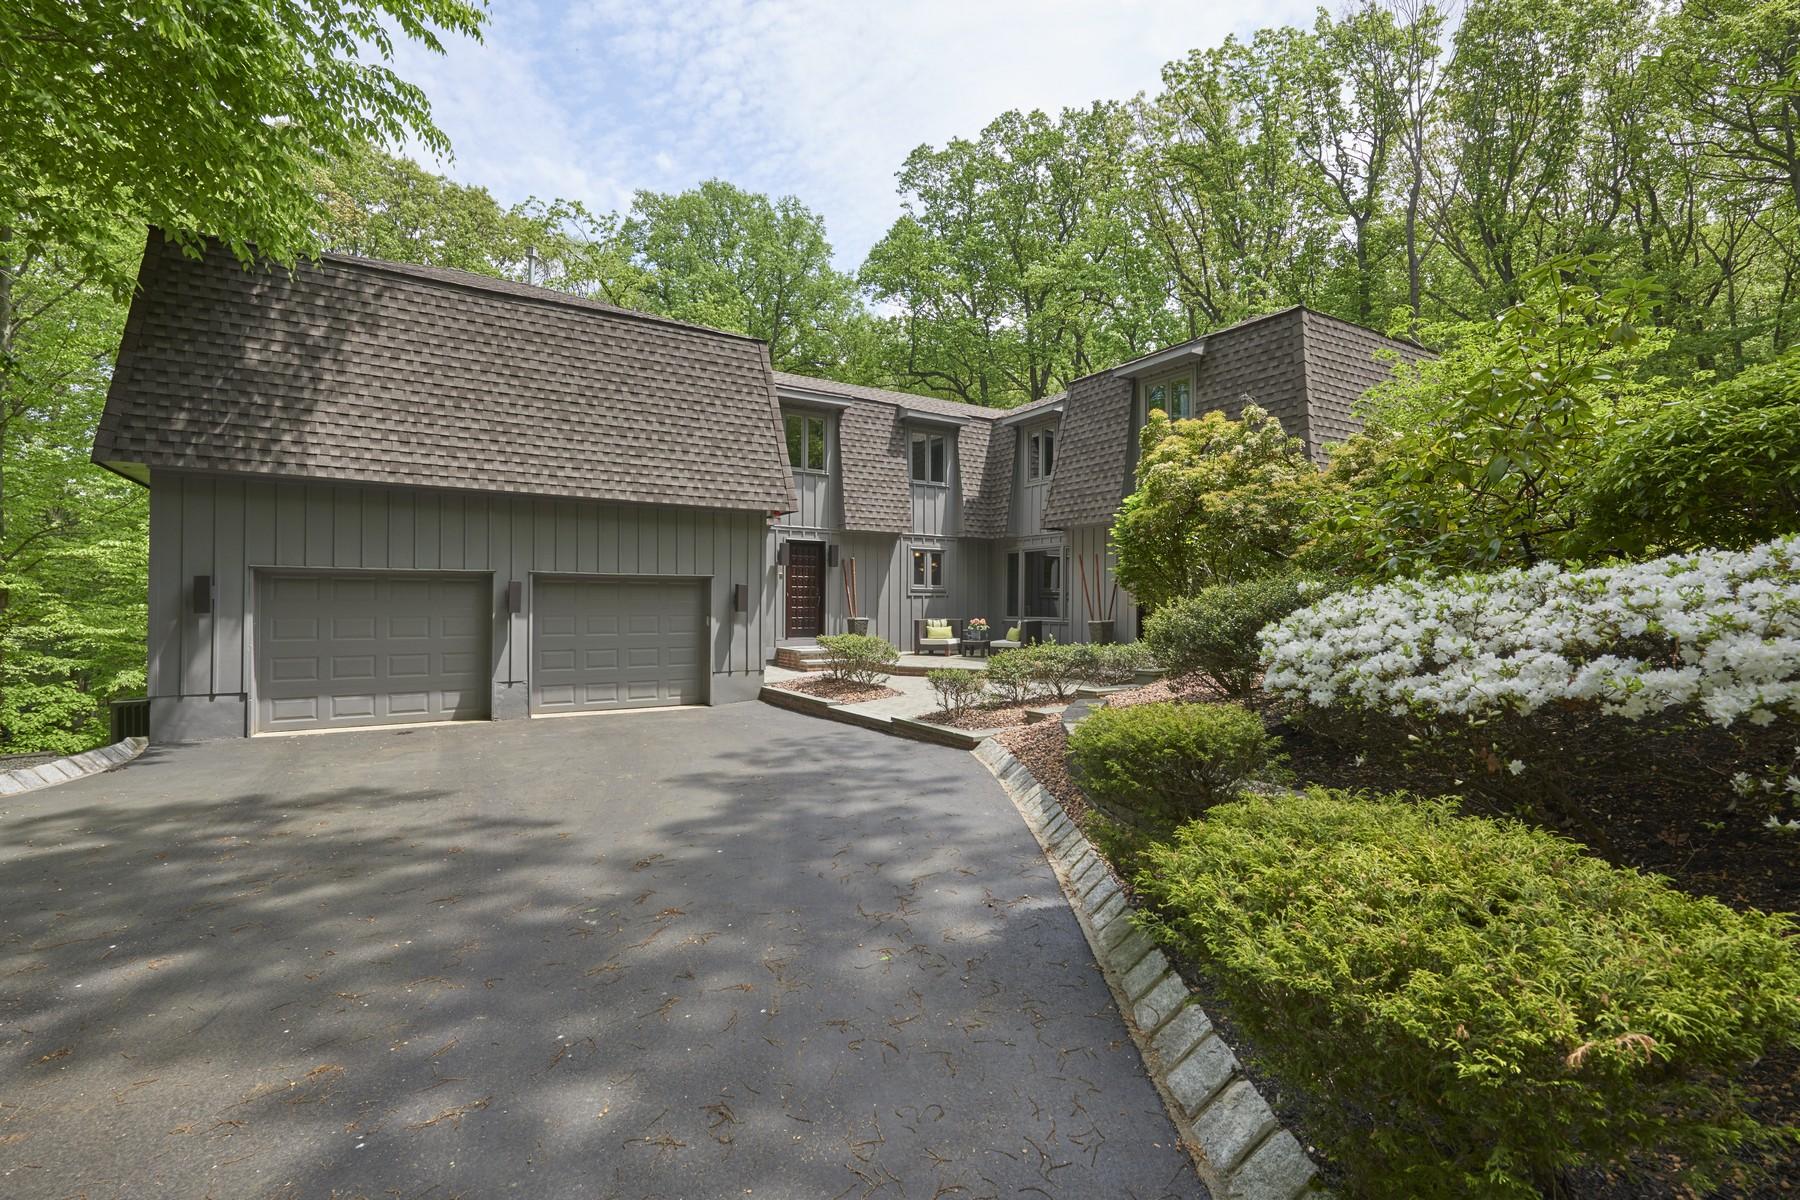 Maison unifamiliale pour l Vente à Artfully Designed Retreat 5 Twin Brooks Court Holmdel, New Jersey 07733 États-Unis